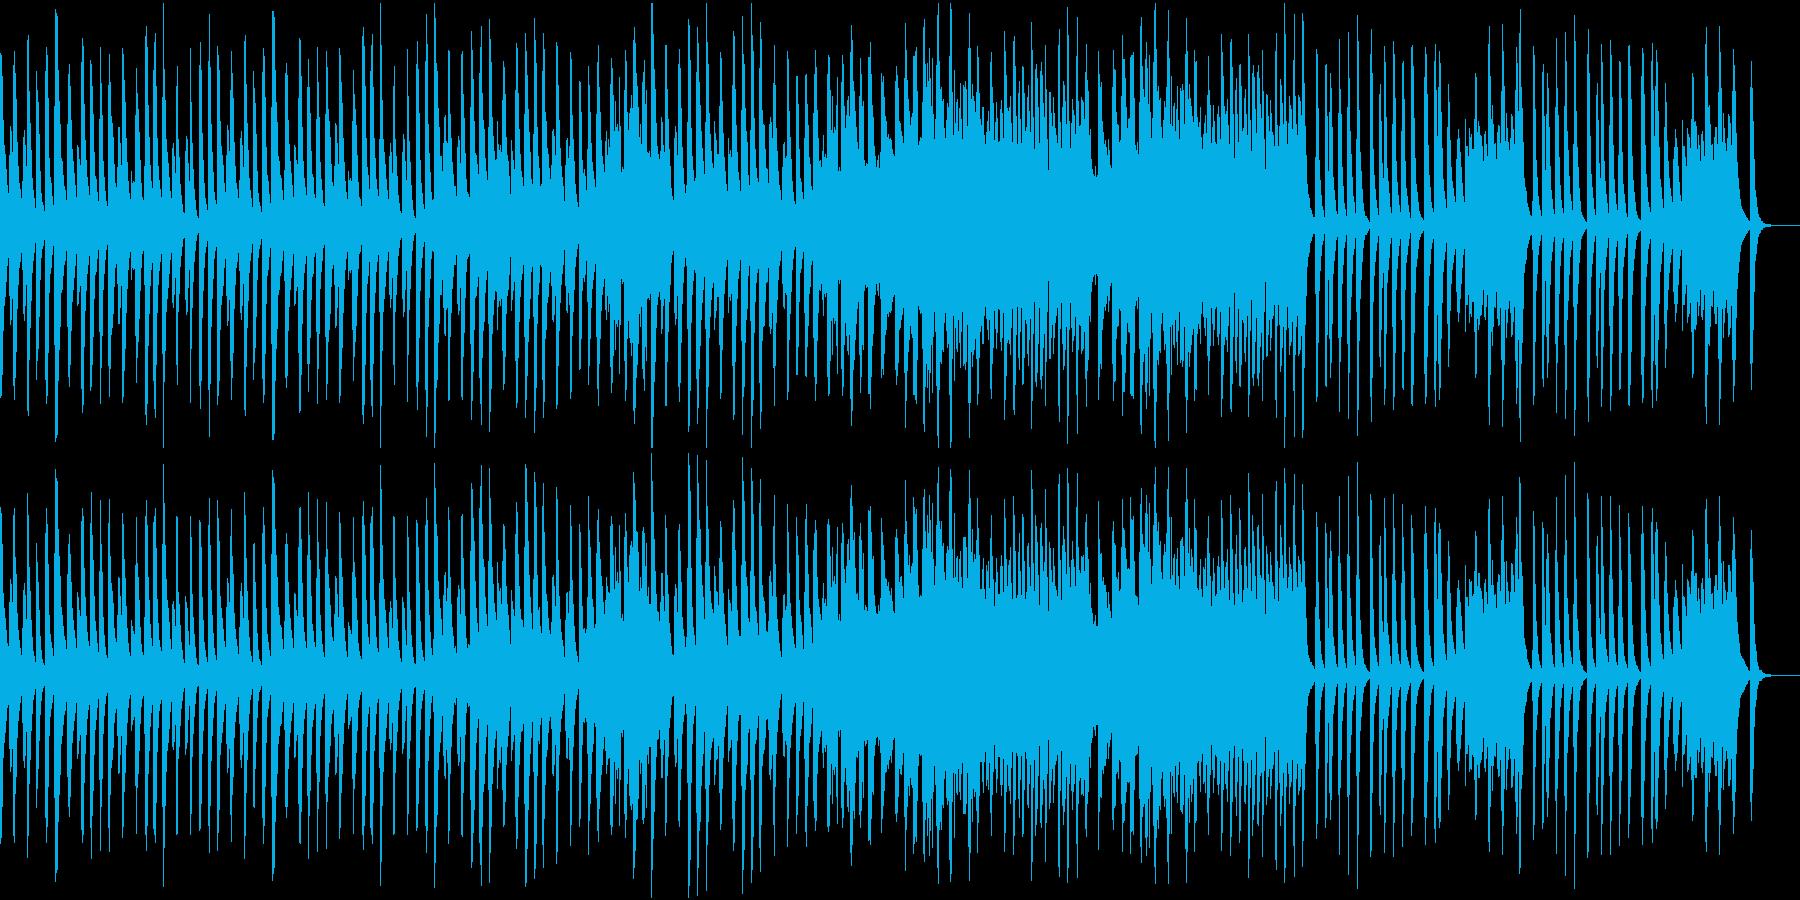 楽しげな雰囲気の木琴の曲の再生済みの波形